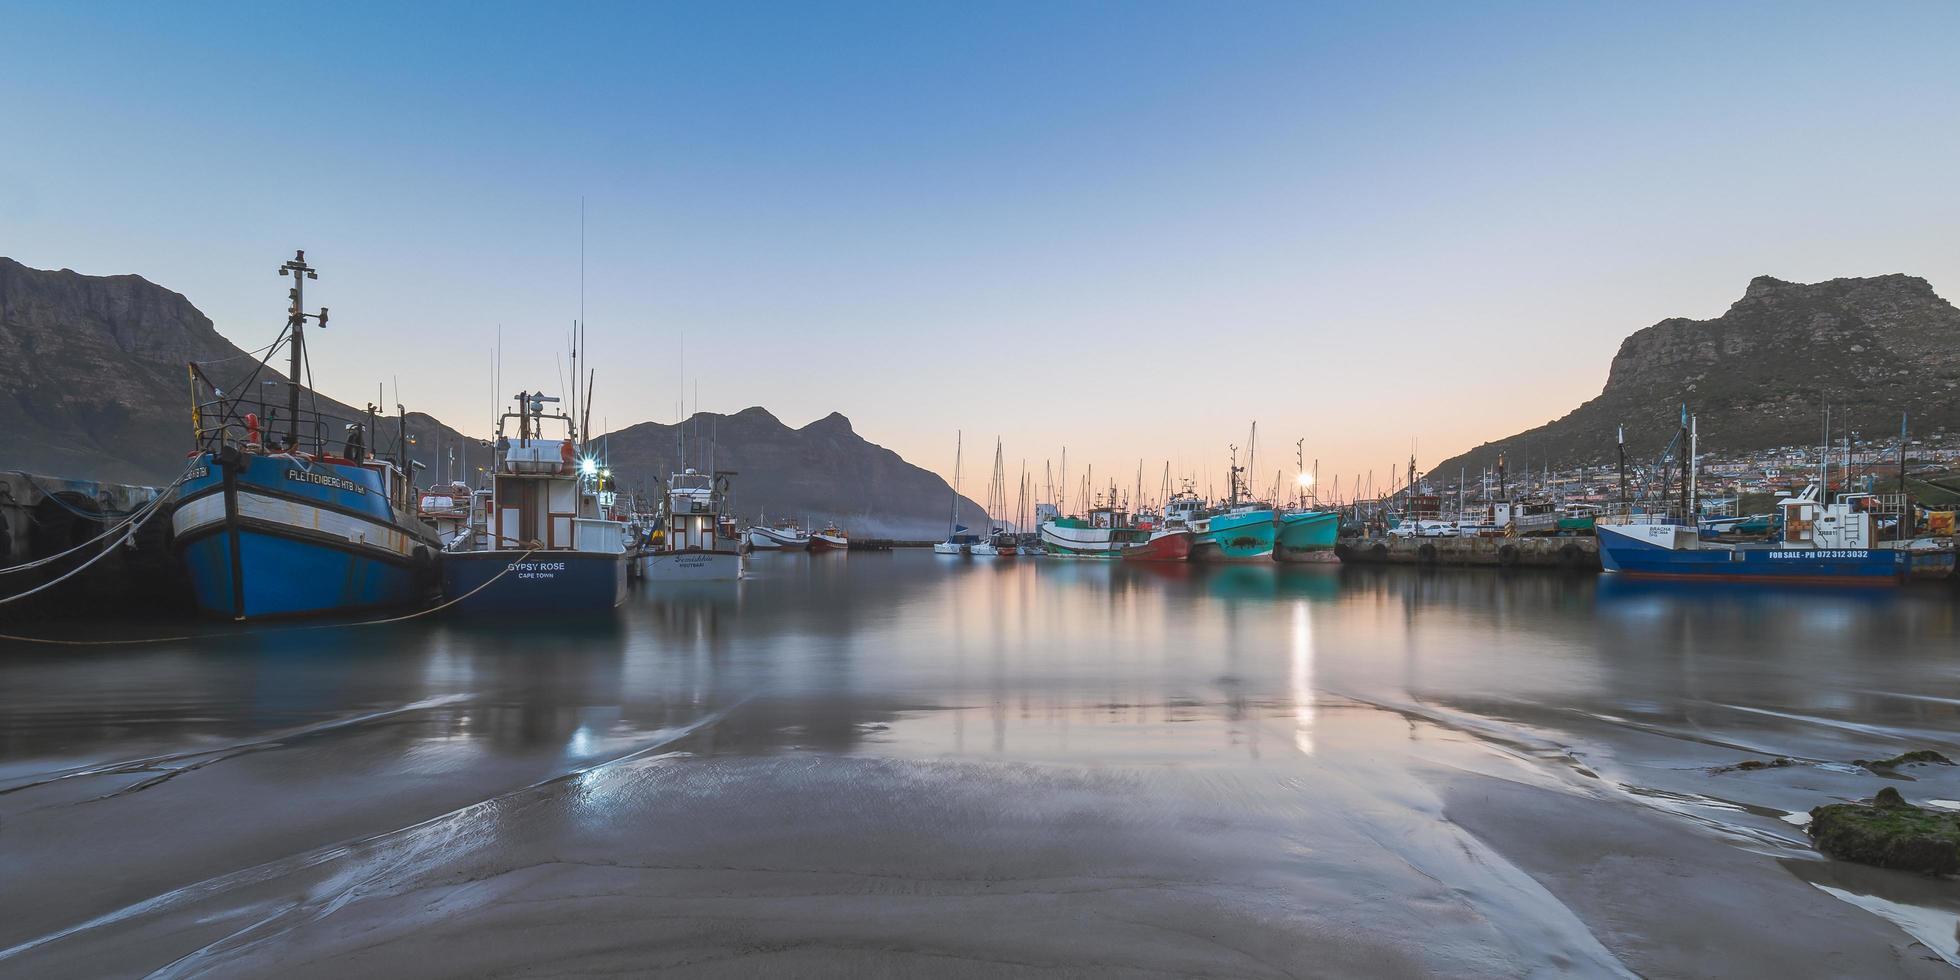 Boote in der Nähe von Docks in Kapstadt foto